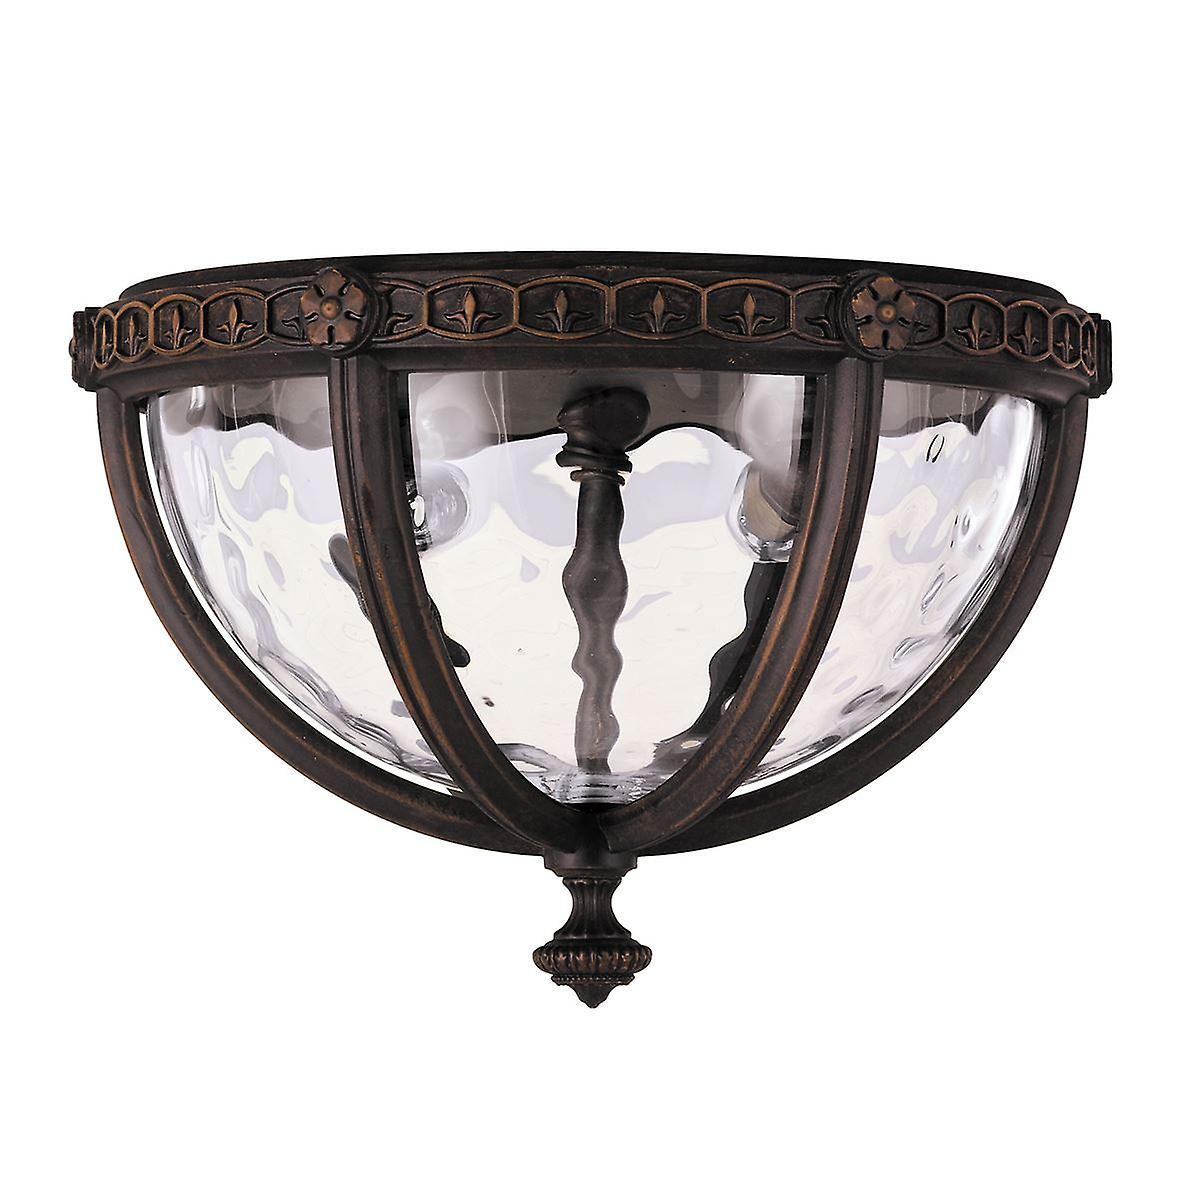 Regent Court Flush Lantern - Elstead Lighting